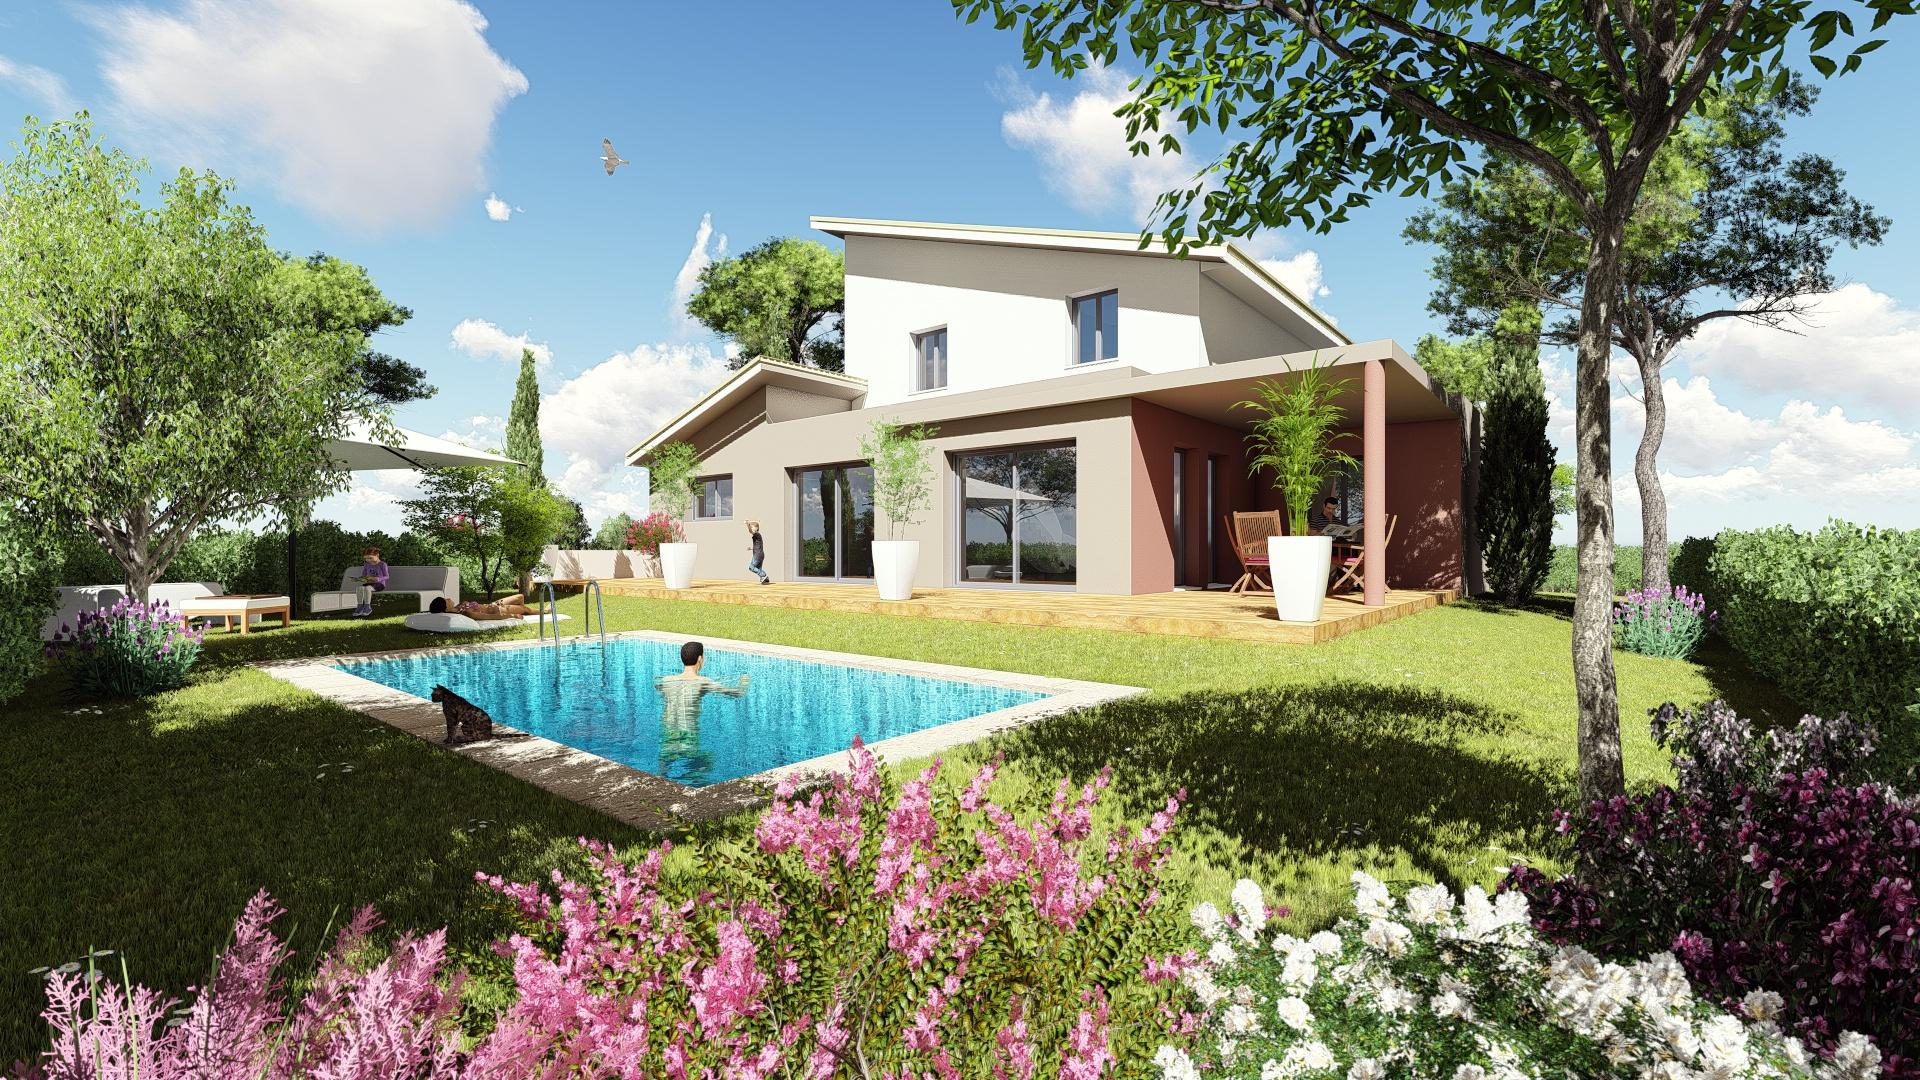 Maisons + Terrains du constructeur MV PROMOTION • 150 m² • MONTFERRIER SUR LEZ